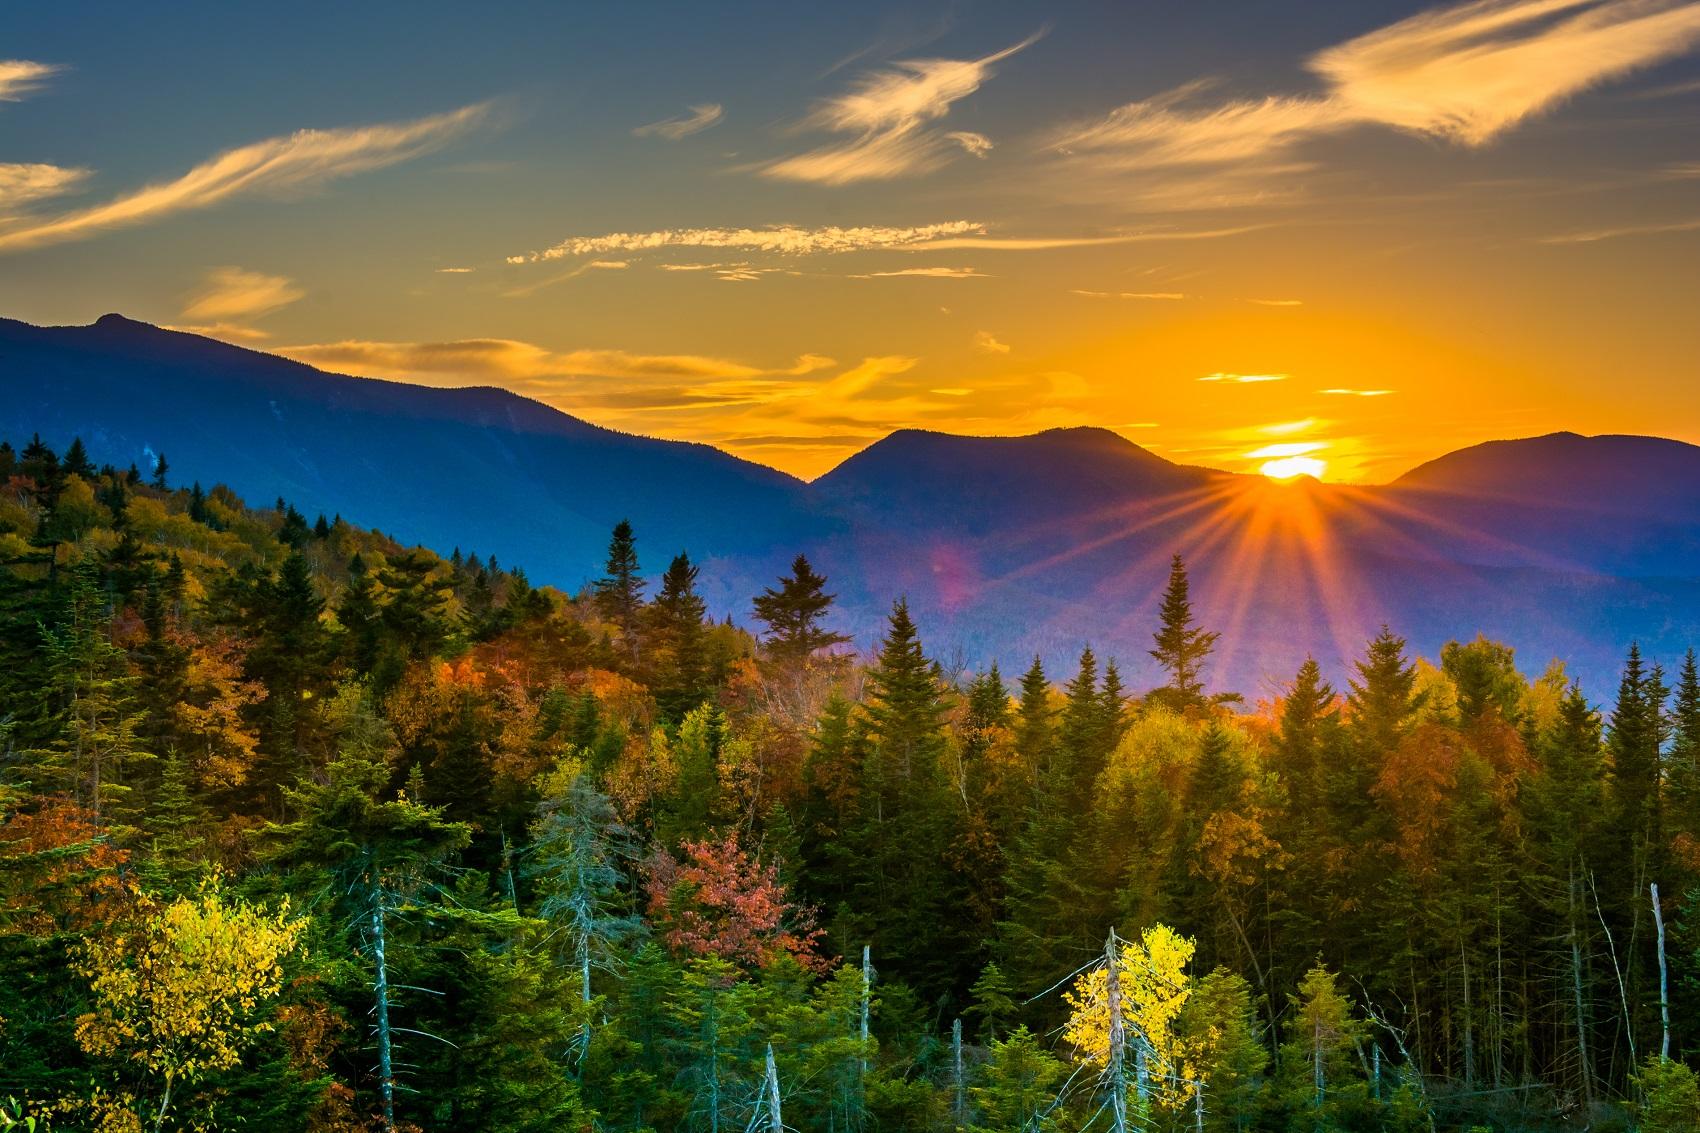 New England fall foliage sunset